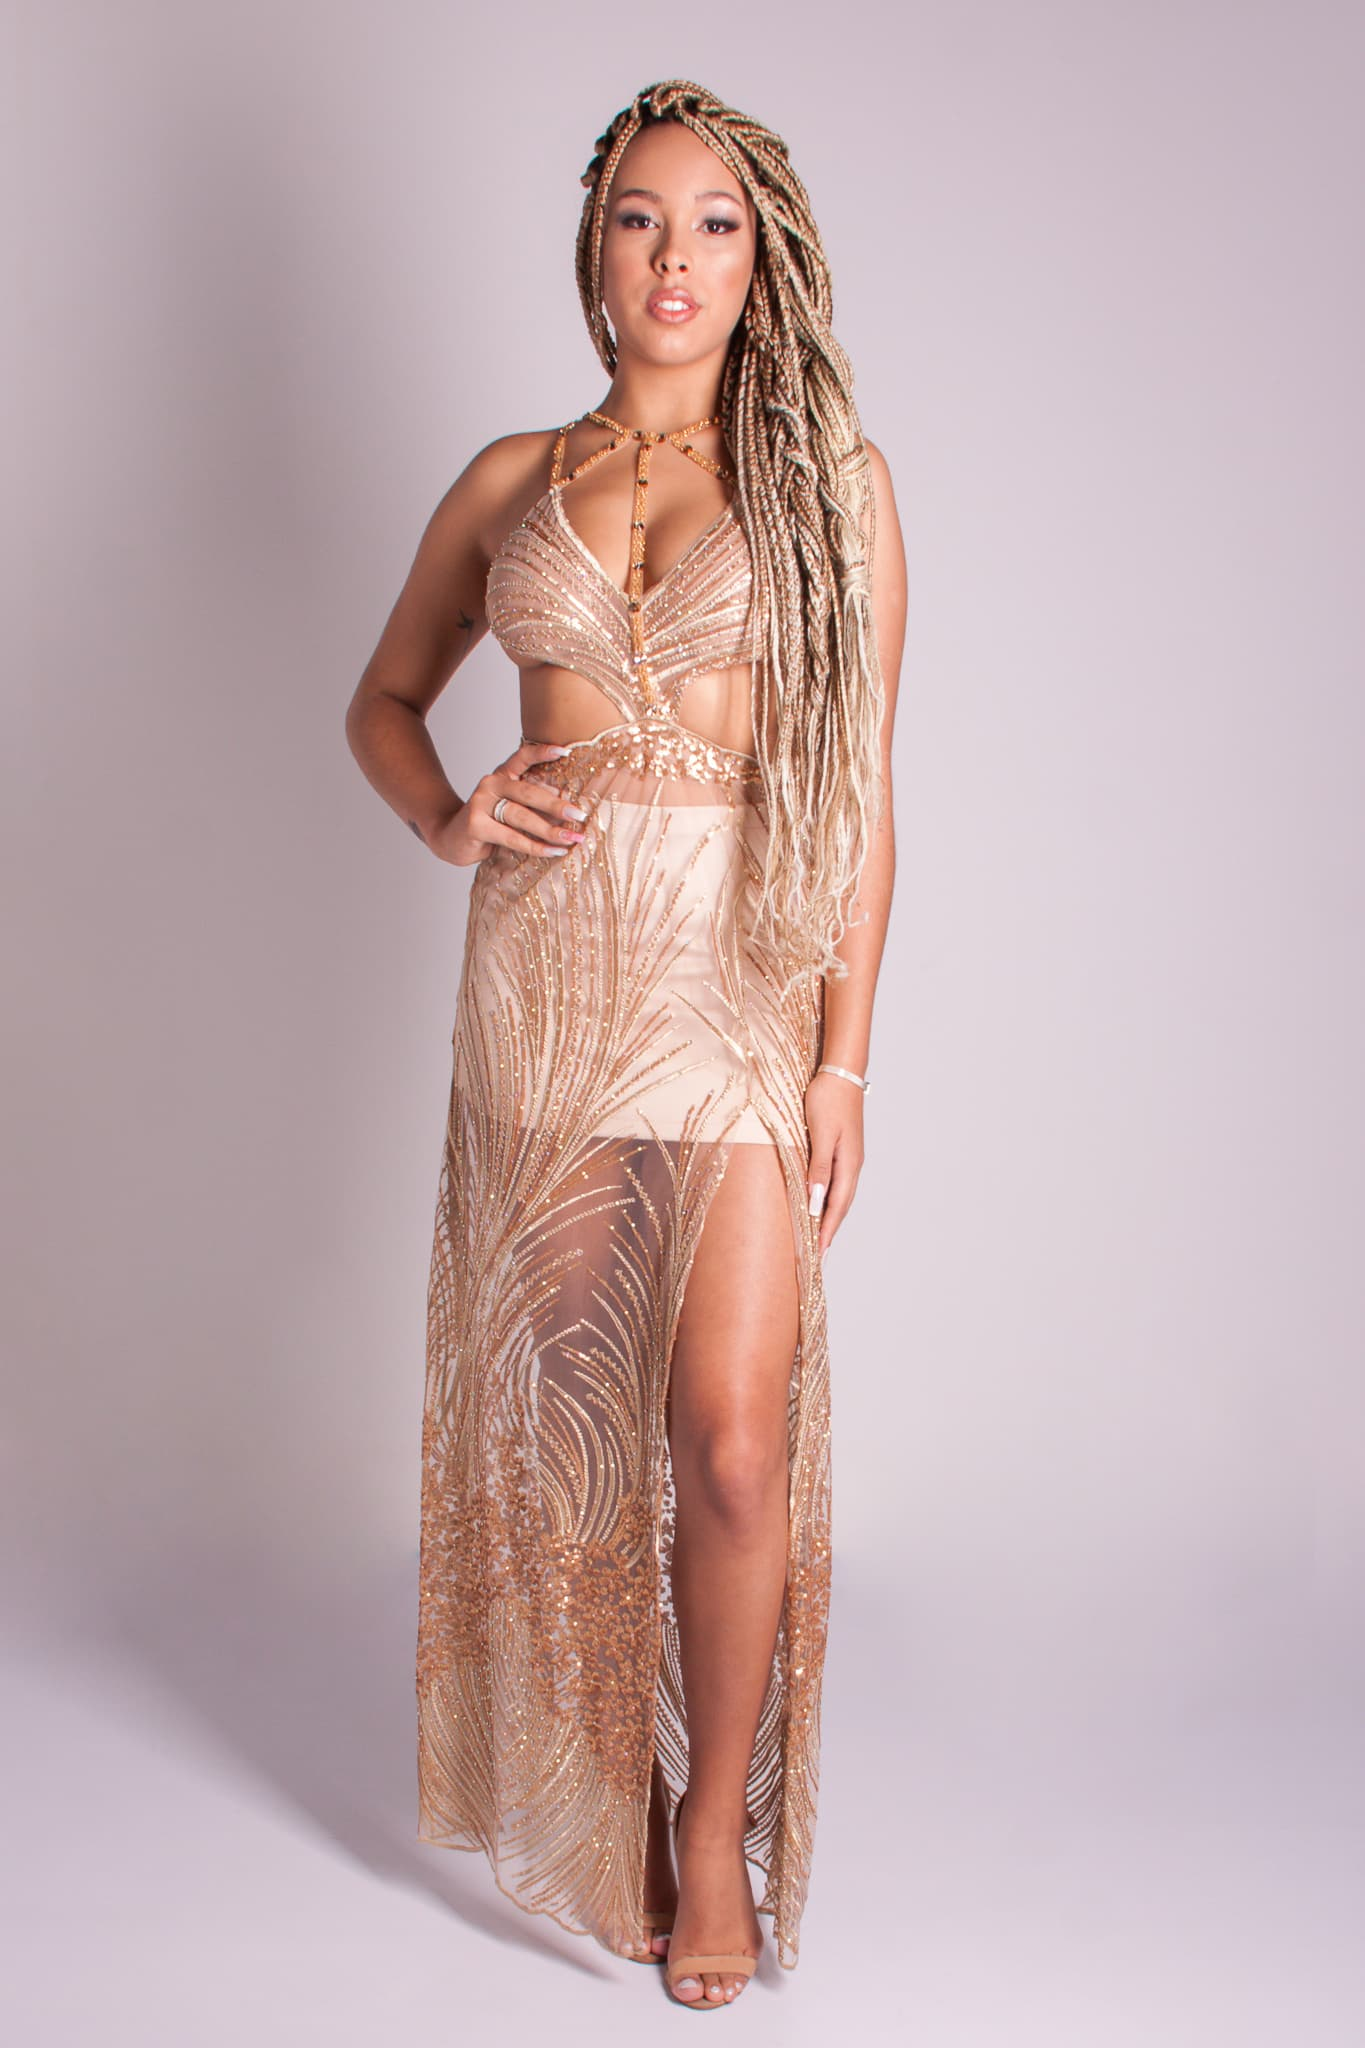 13 - Vestido de renda dourada com fitas e recortes